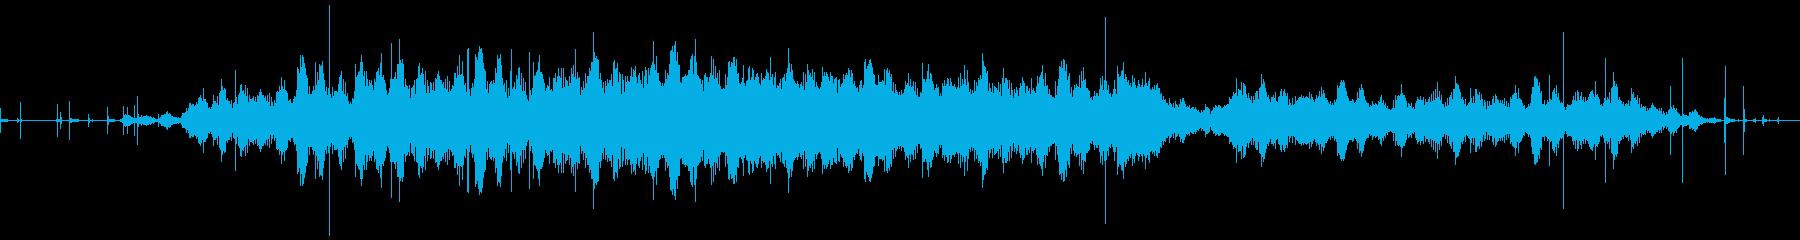 真暗な洞窟の中に潜む怪物たちのうめき声の再生済みの波形